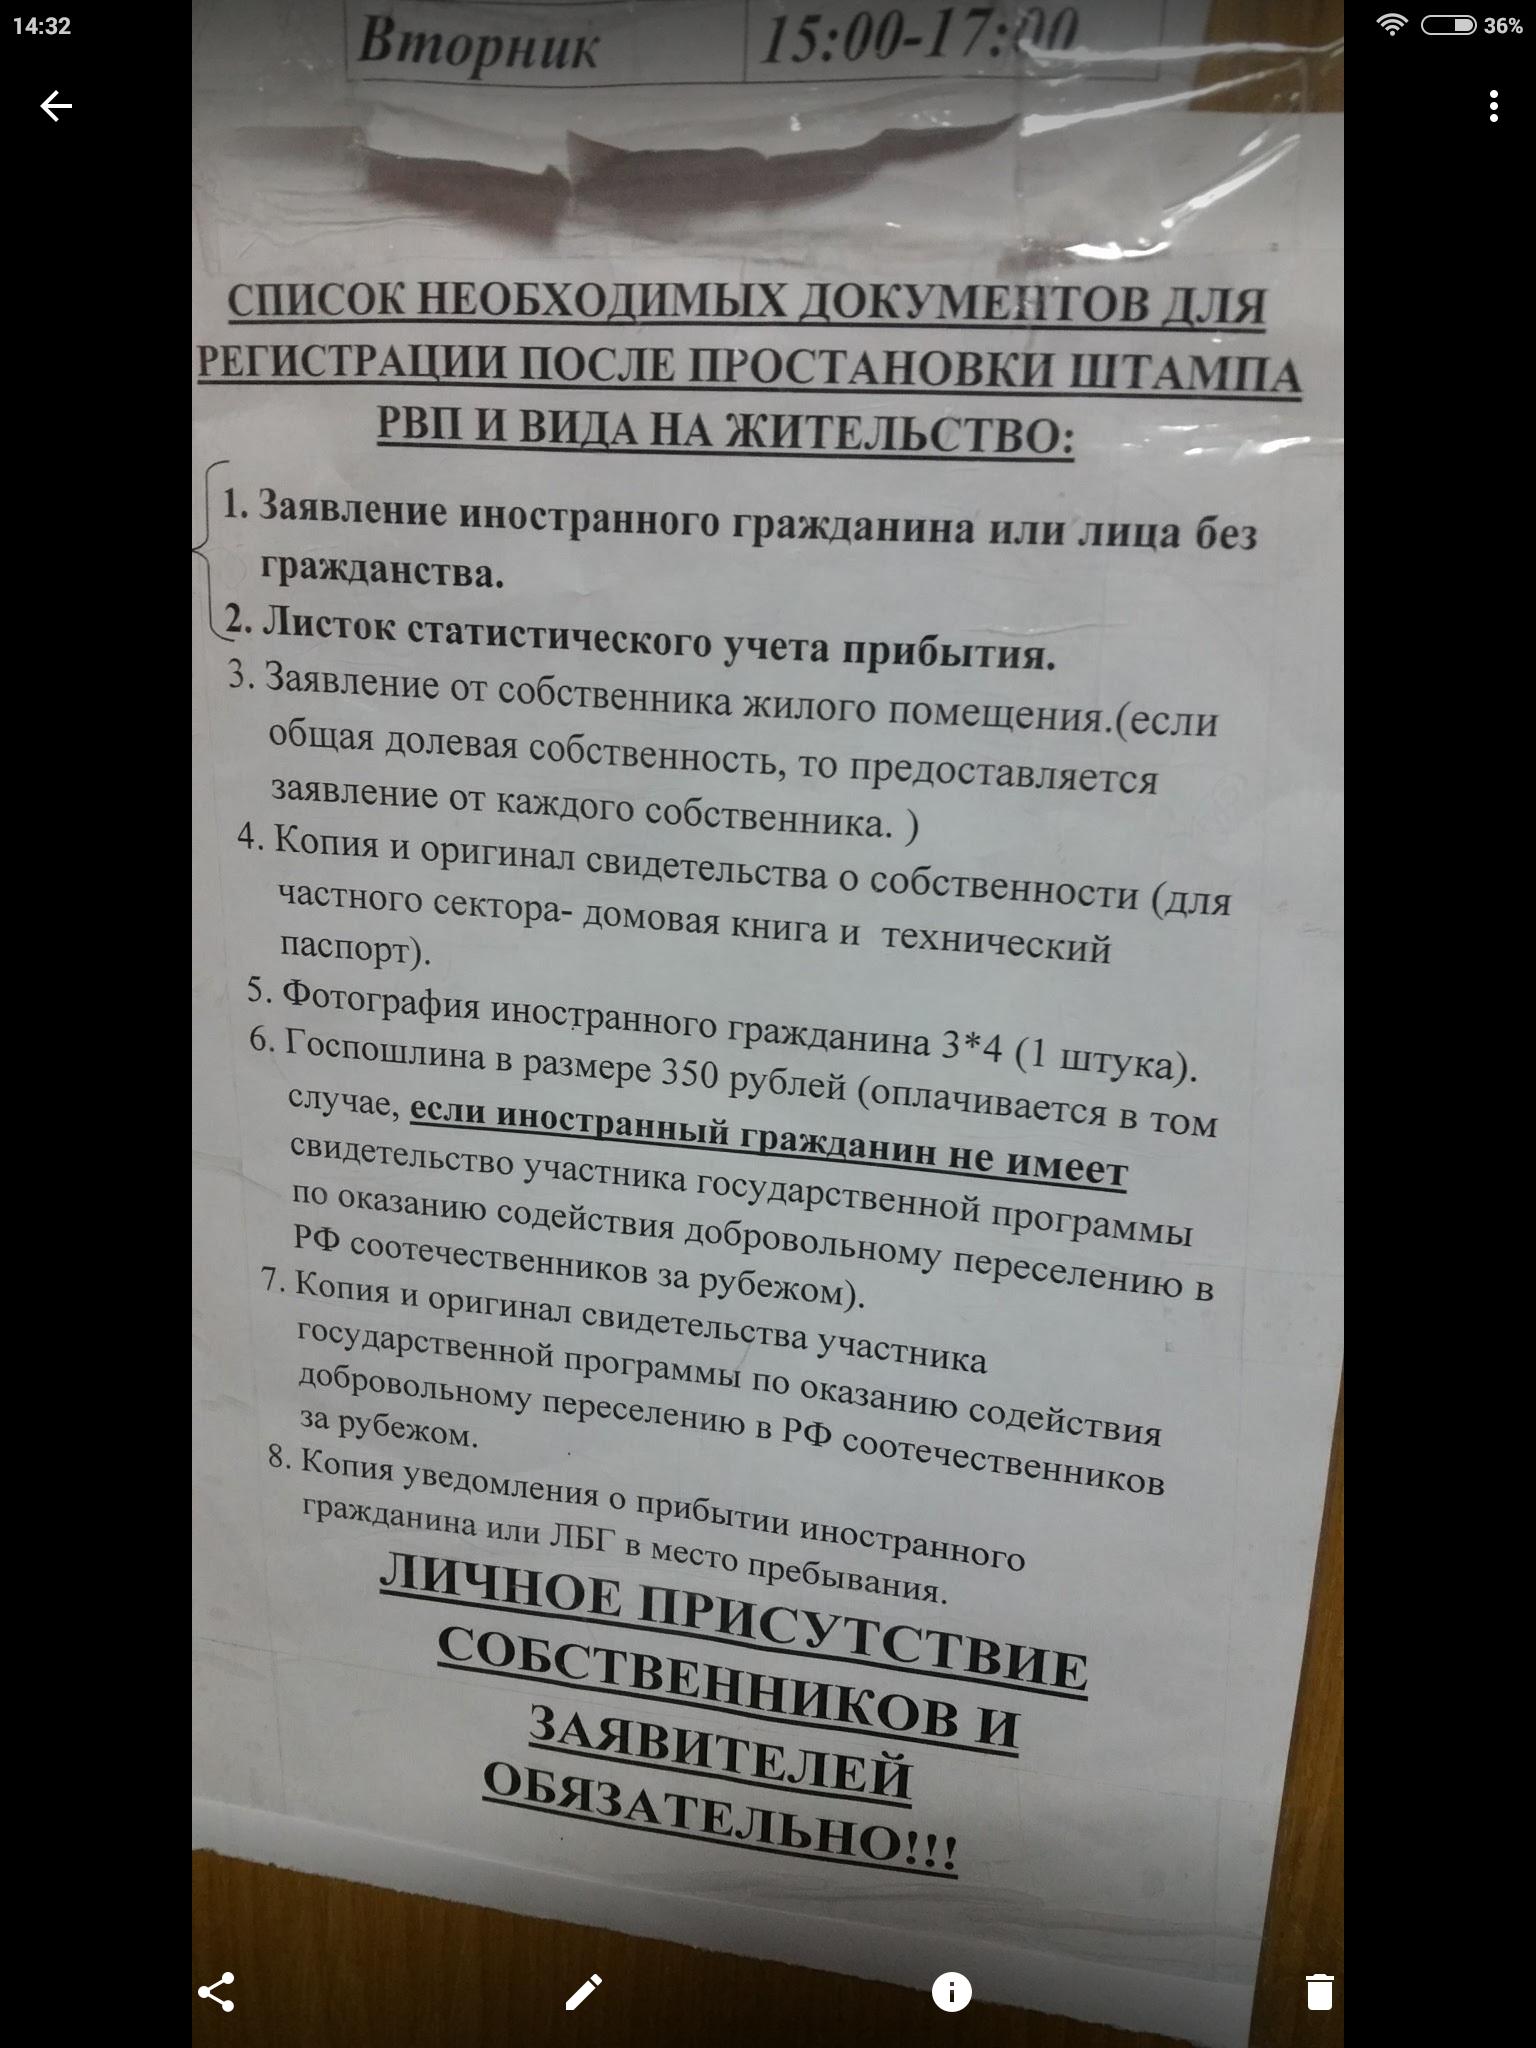 Список документов для добровольного переселения соотечественников тот